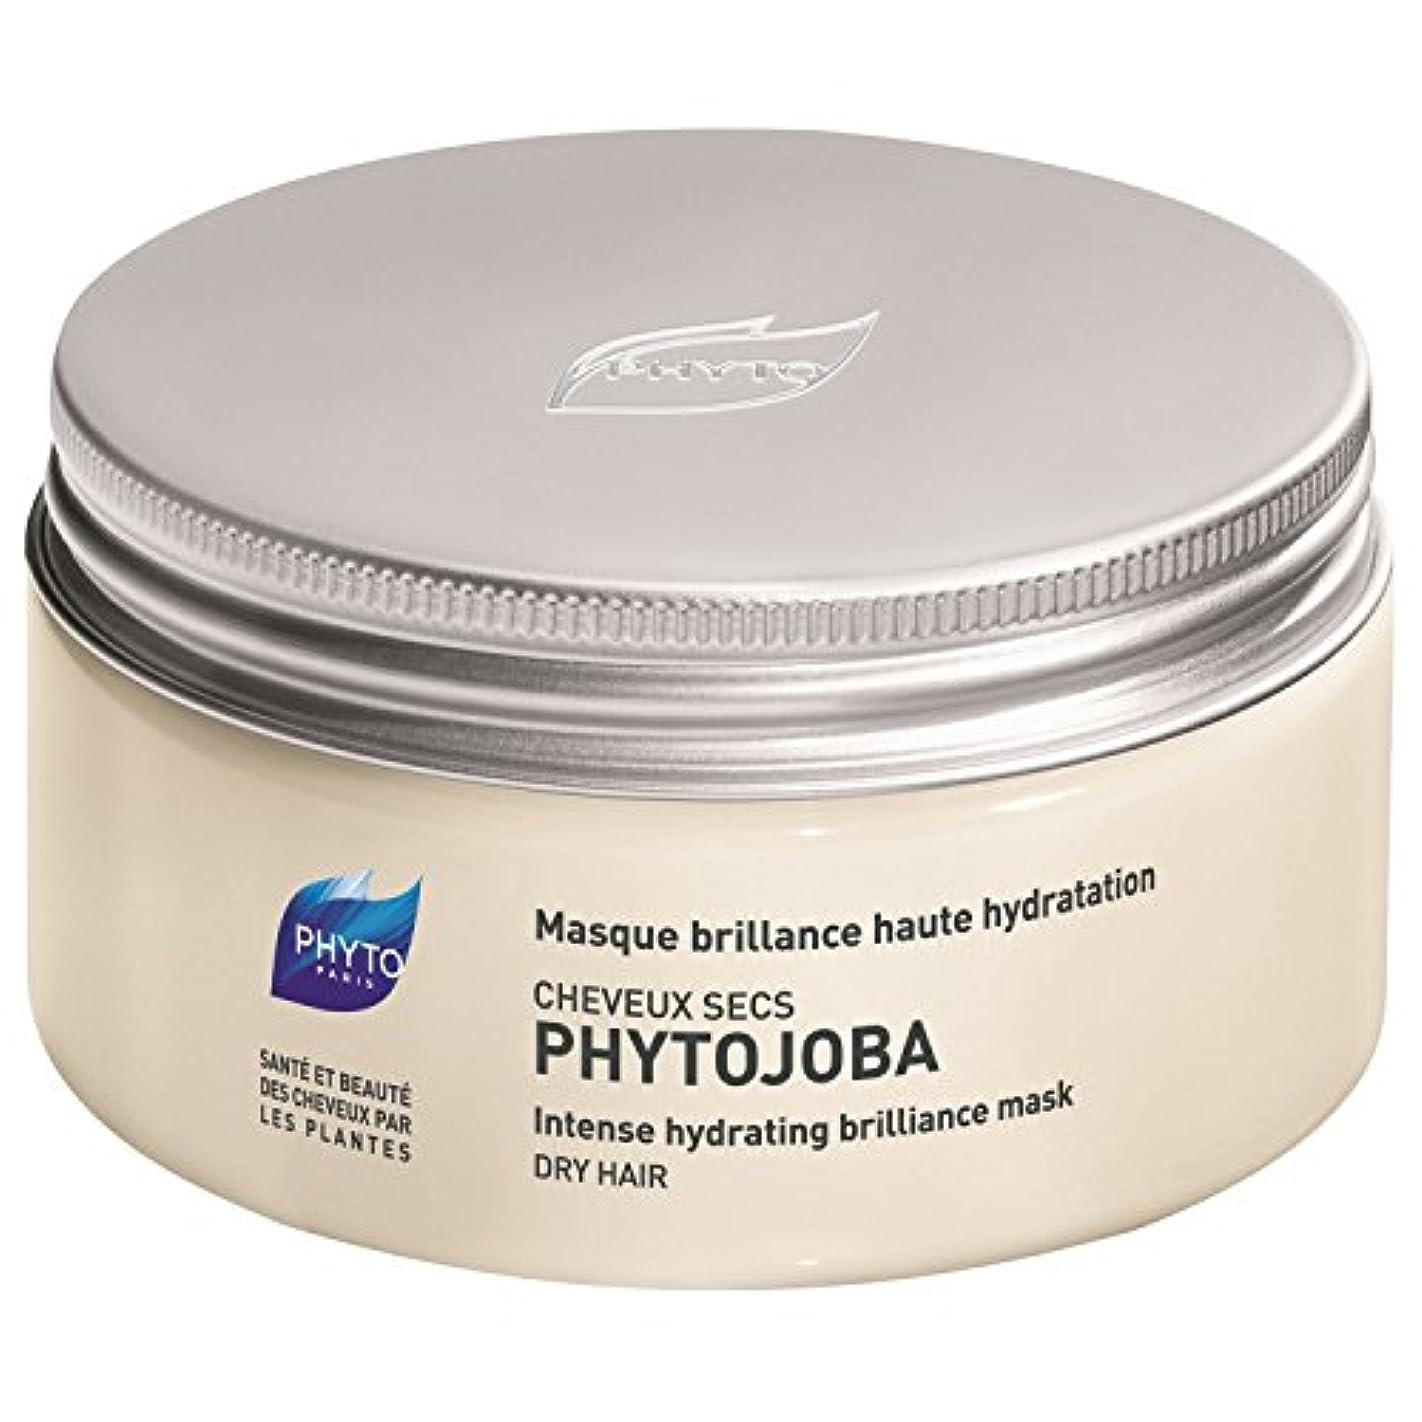 スチュワード一元化する入植者フィトPhytojoba強烈な水分補給マスク200ミリリットル (Phyto) (x2) - Phyto Phytojoba Intense Hydrating Mask 200ml (Pack of 2) [並行輸入品]